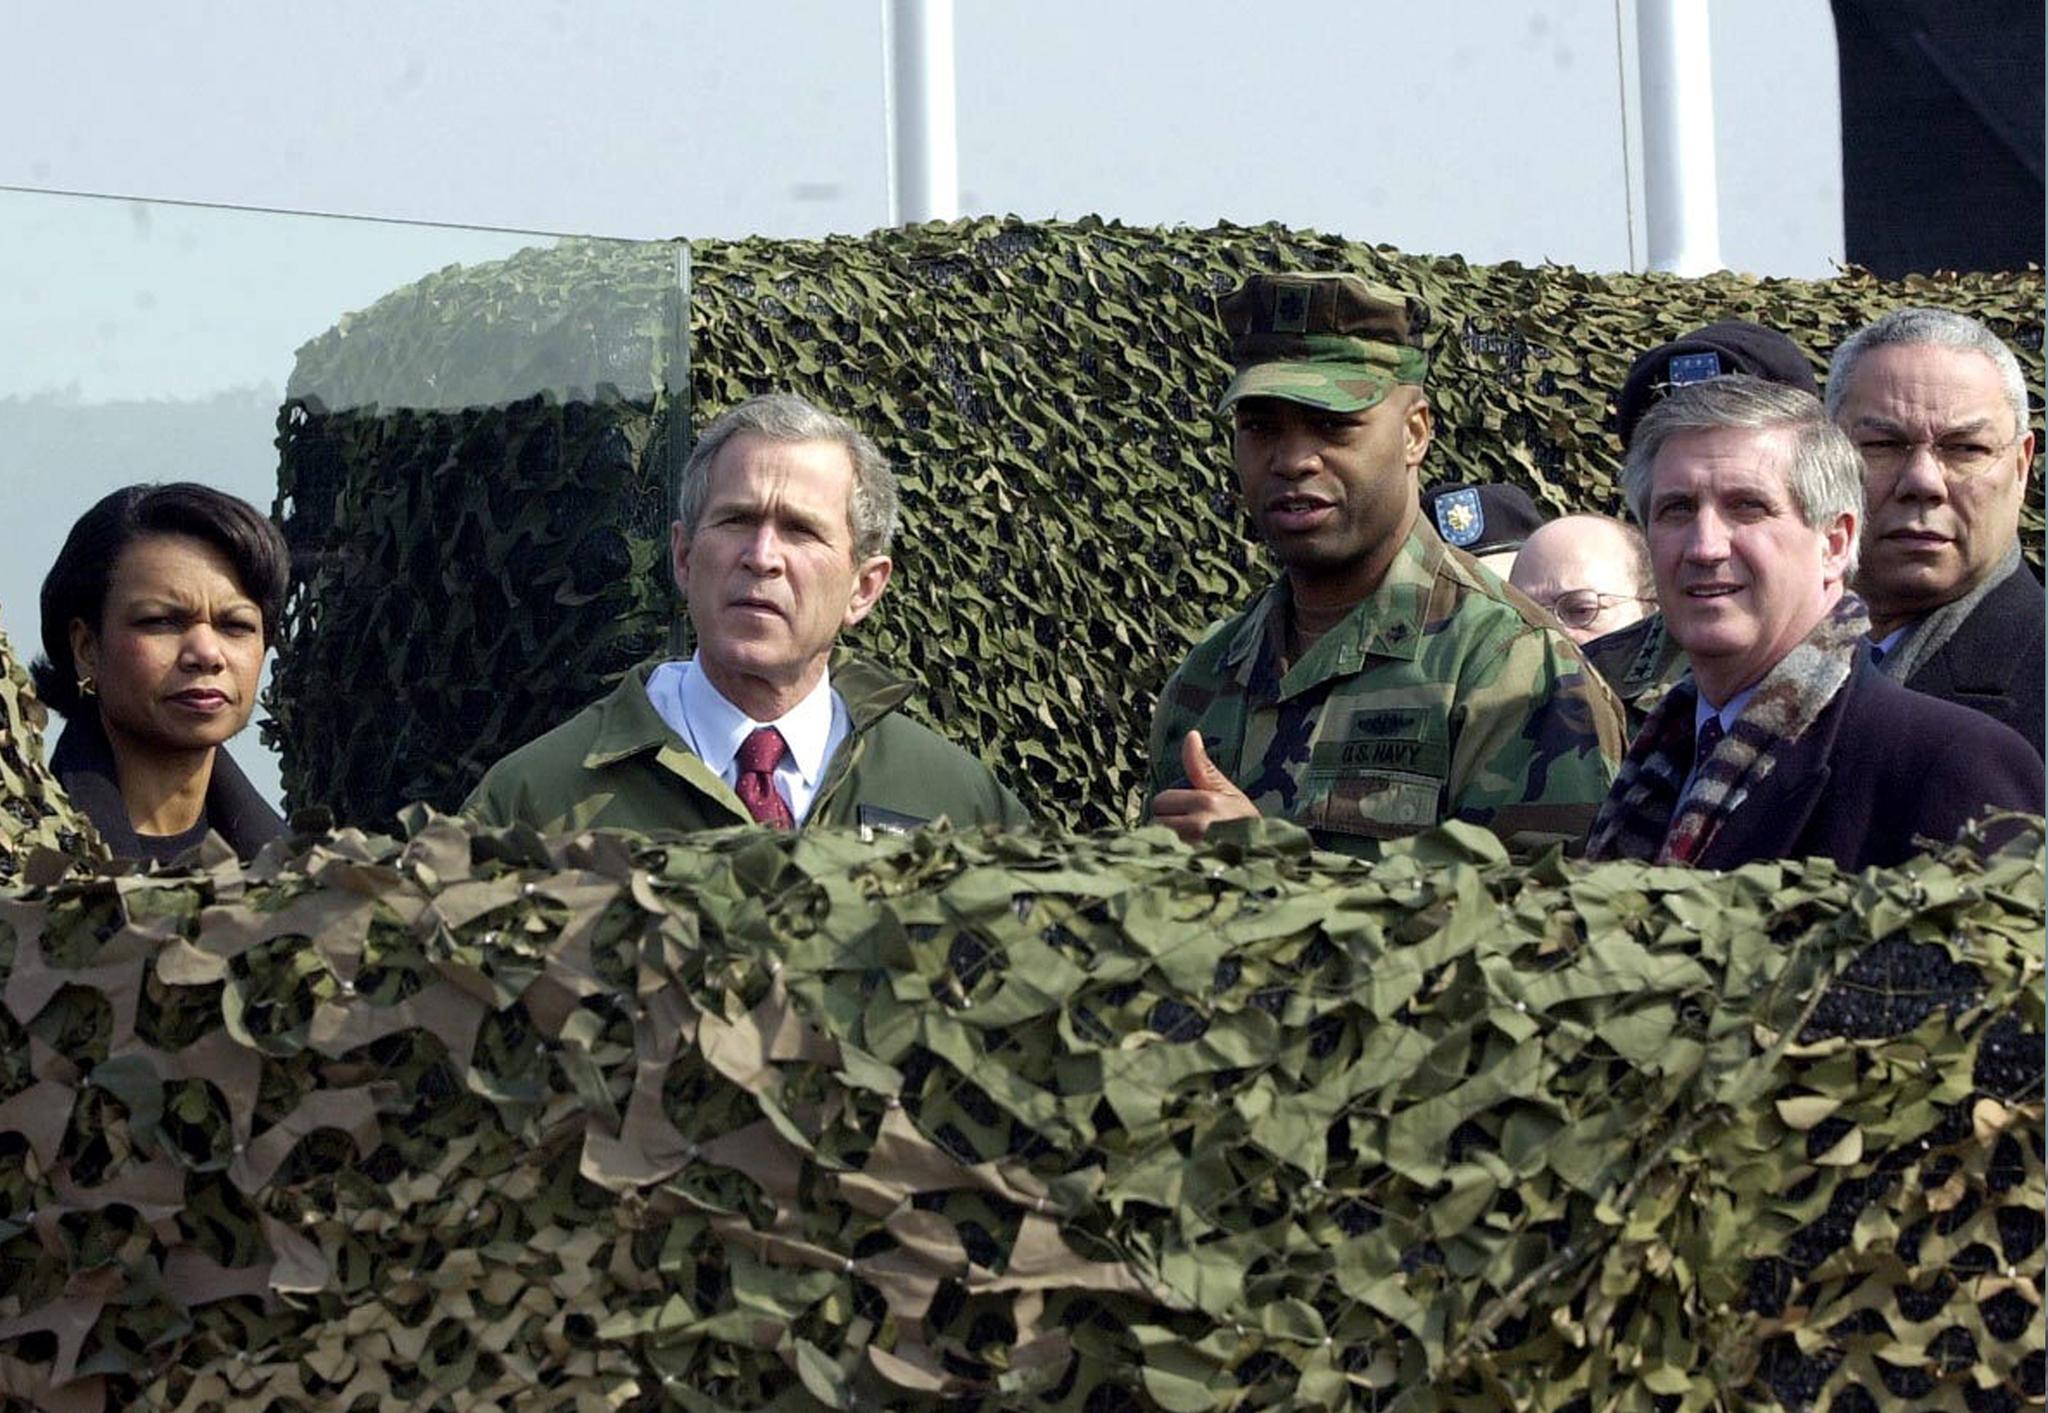 2002년 2월 20일 DMZ조지 를 방문한 조지 W 부시 전 대통령. [연합뉴스]